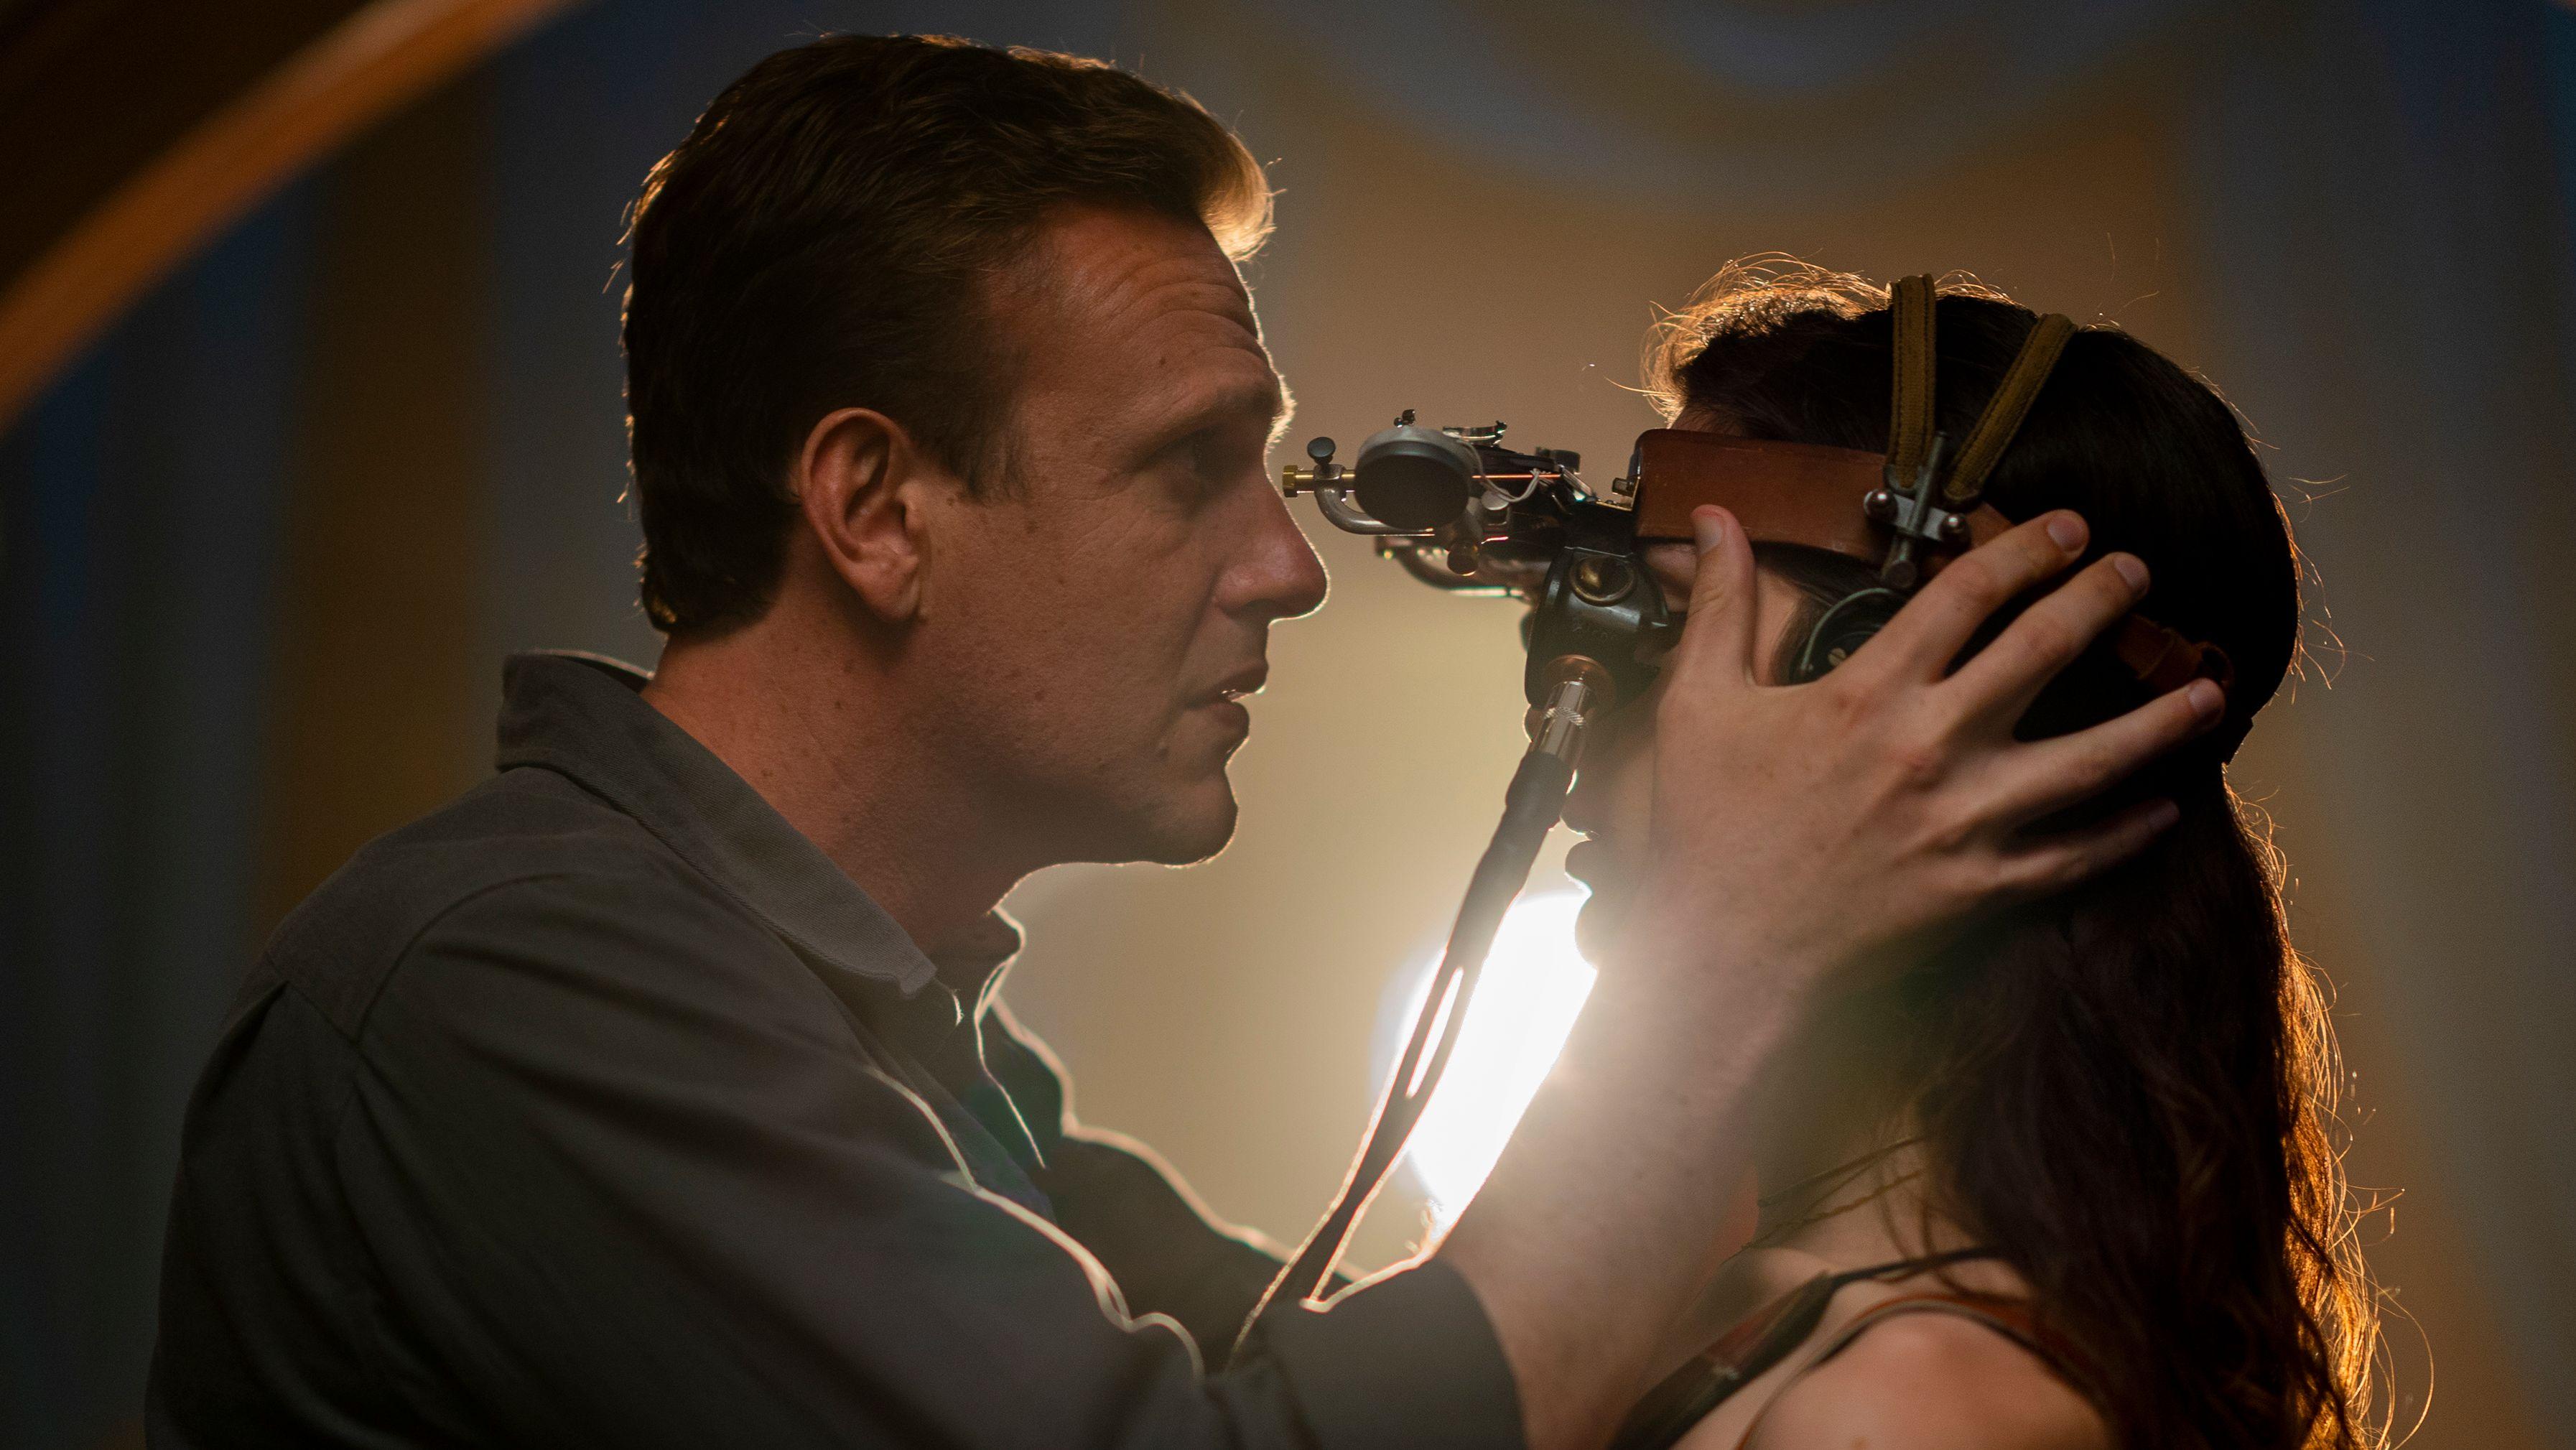 Peter (gespielt von Jason Segel) blickt einer Frau mit langen braunen Haaren in die Augen. Sie trägt eine seltsame Brillenkonstruktion.